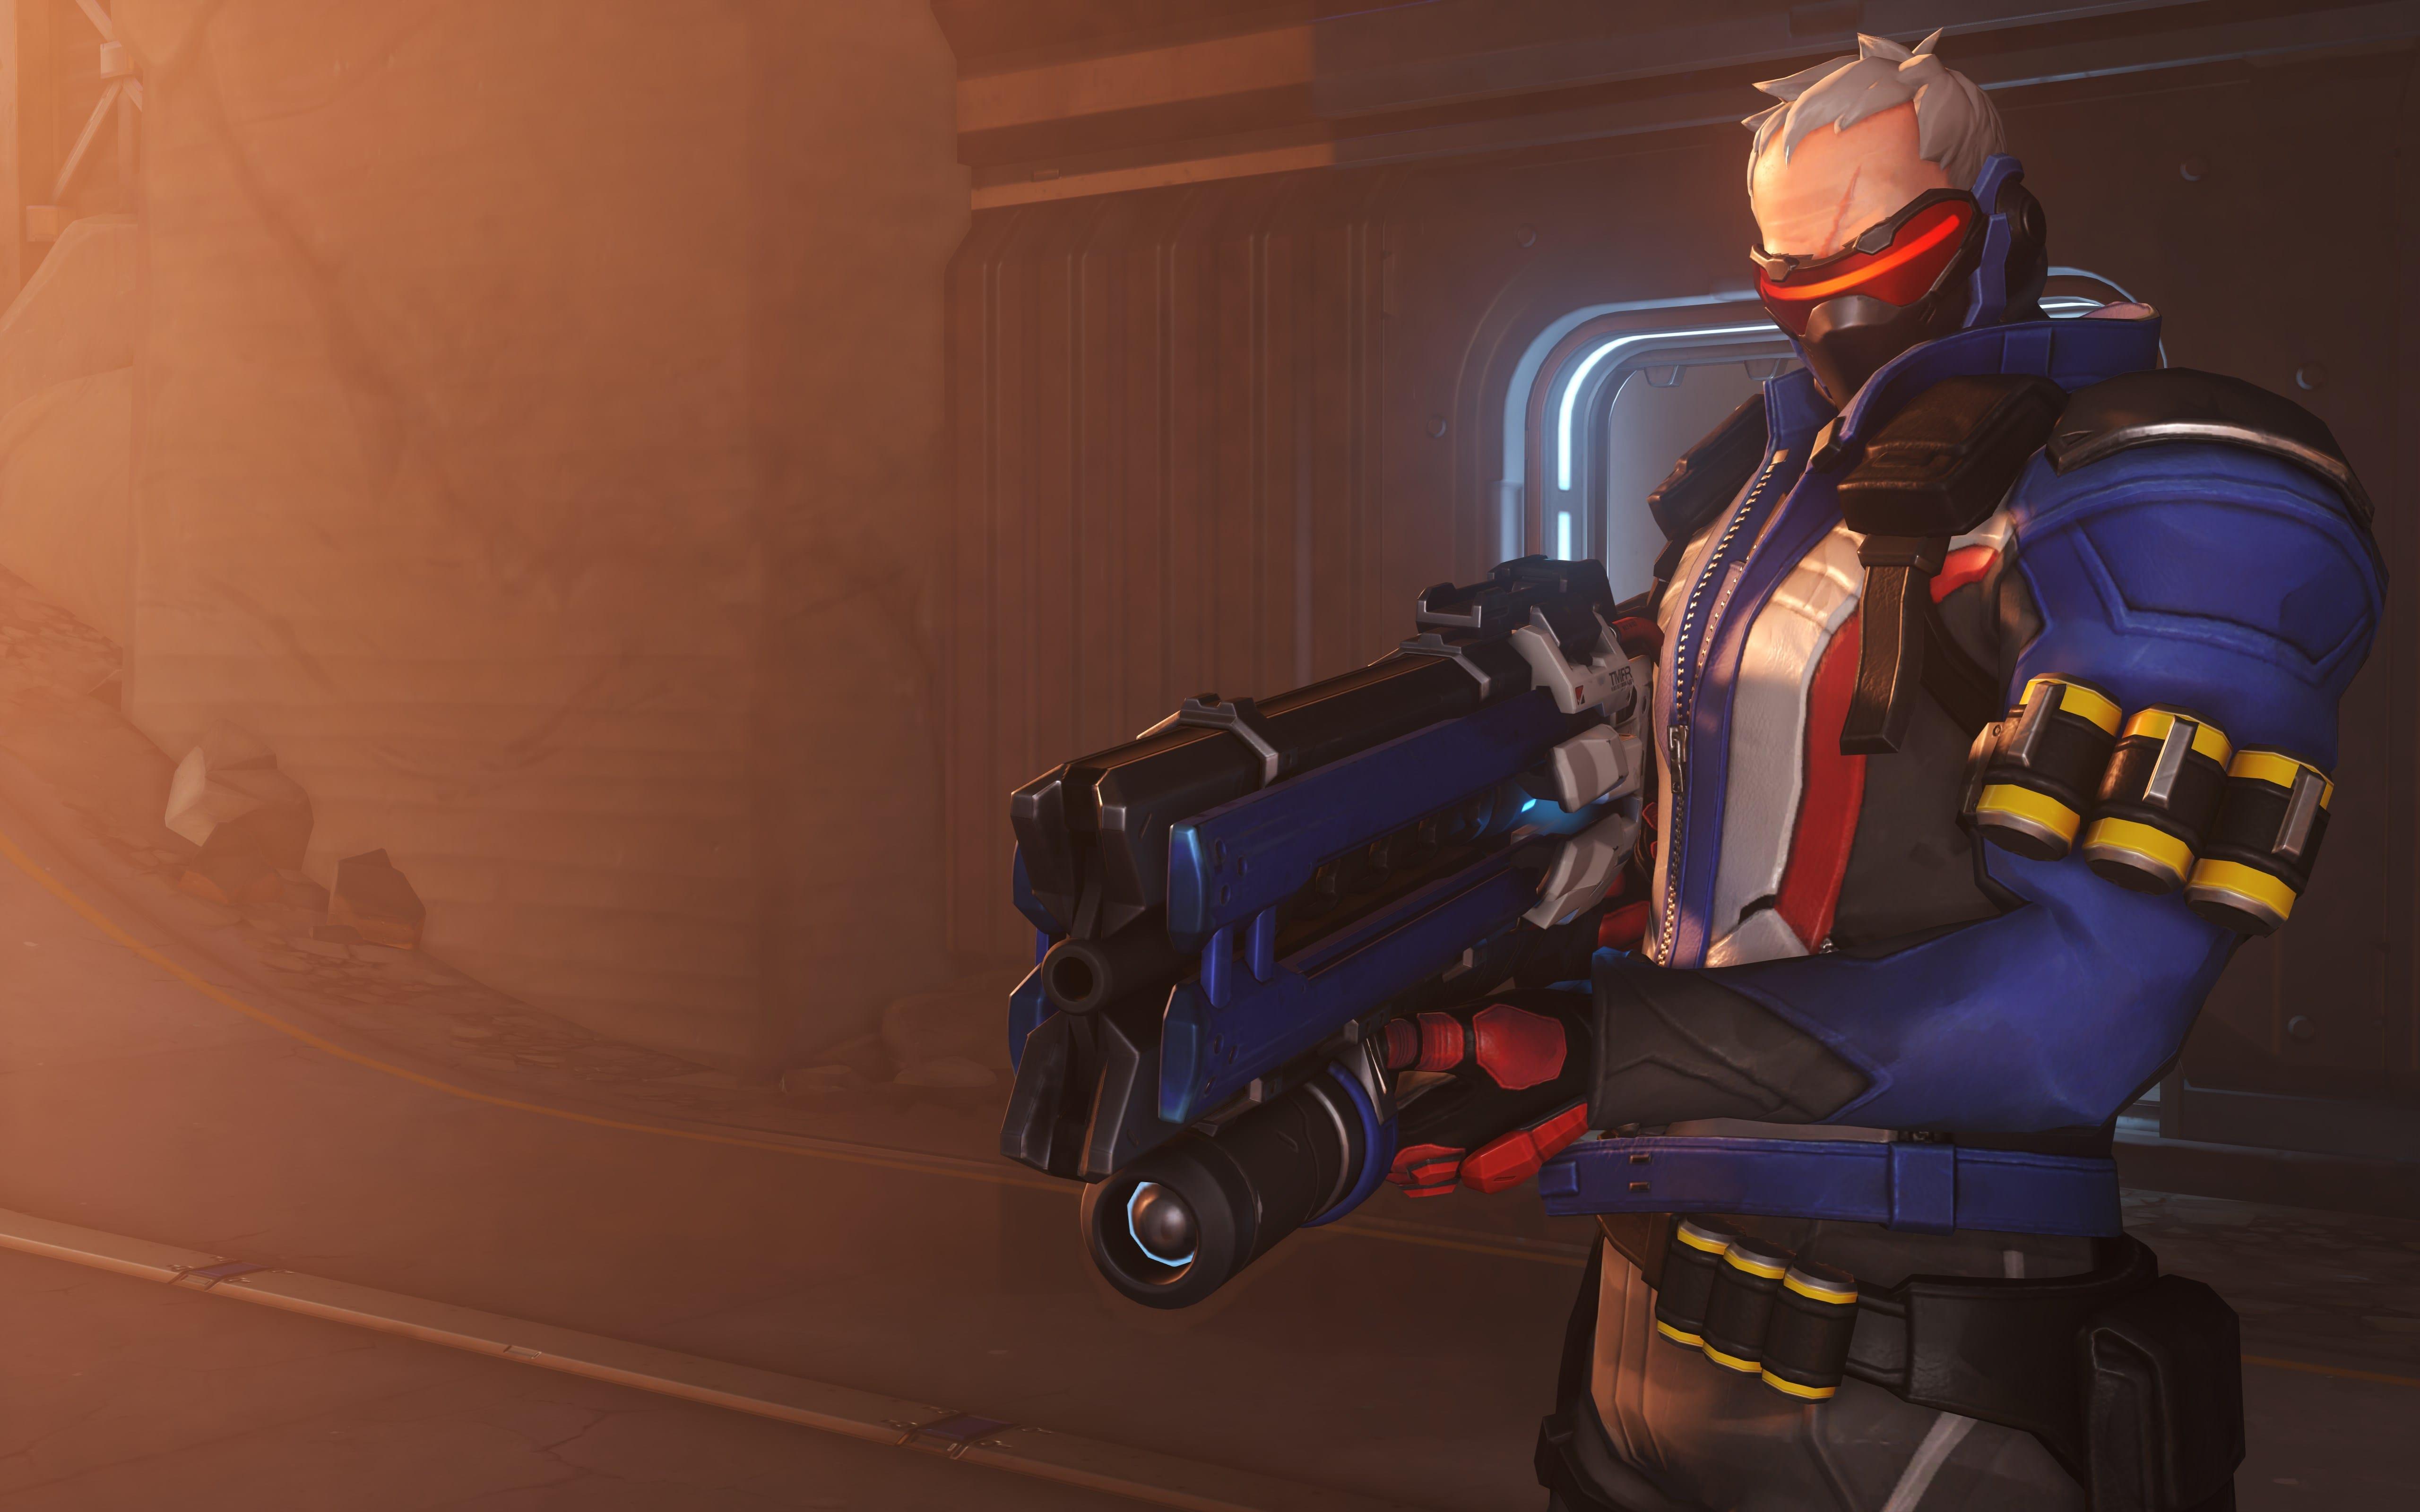 Overwatch : Soldier: 76 Background